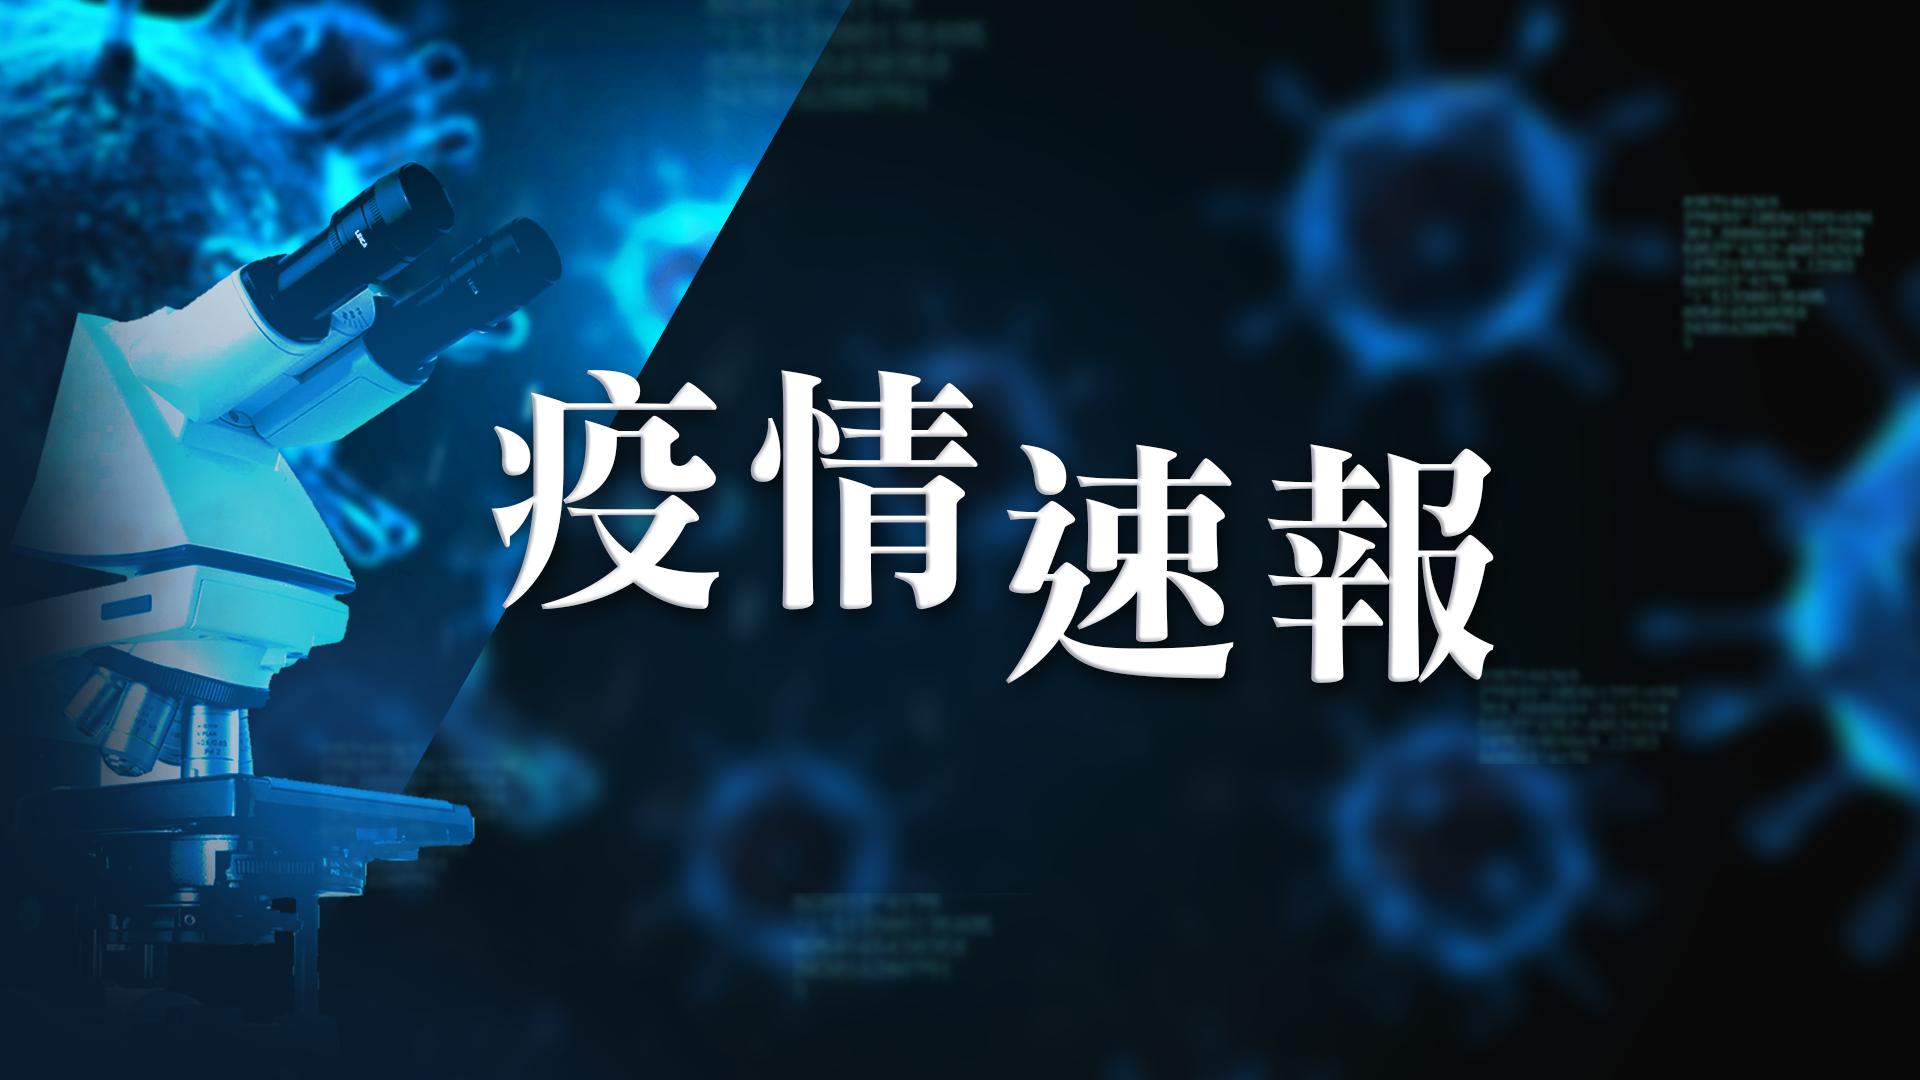 【1月28日疫情速報】(15:50)